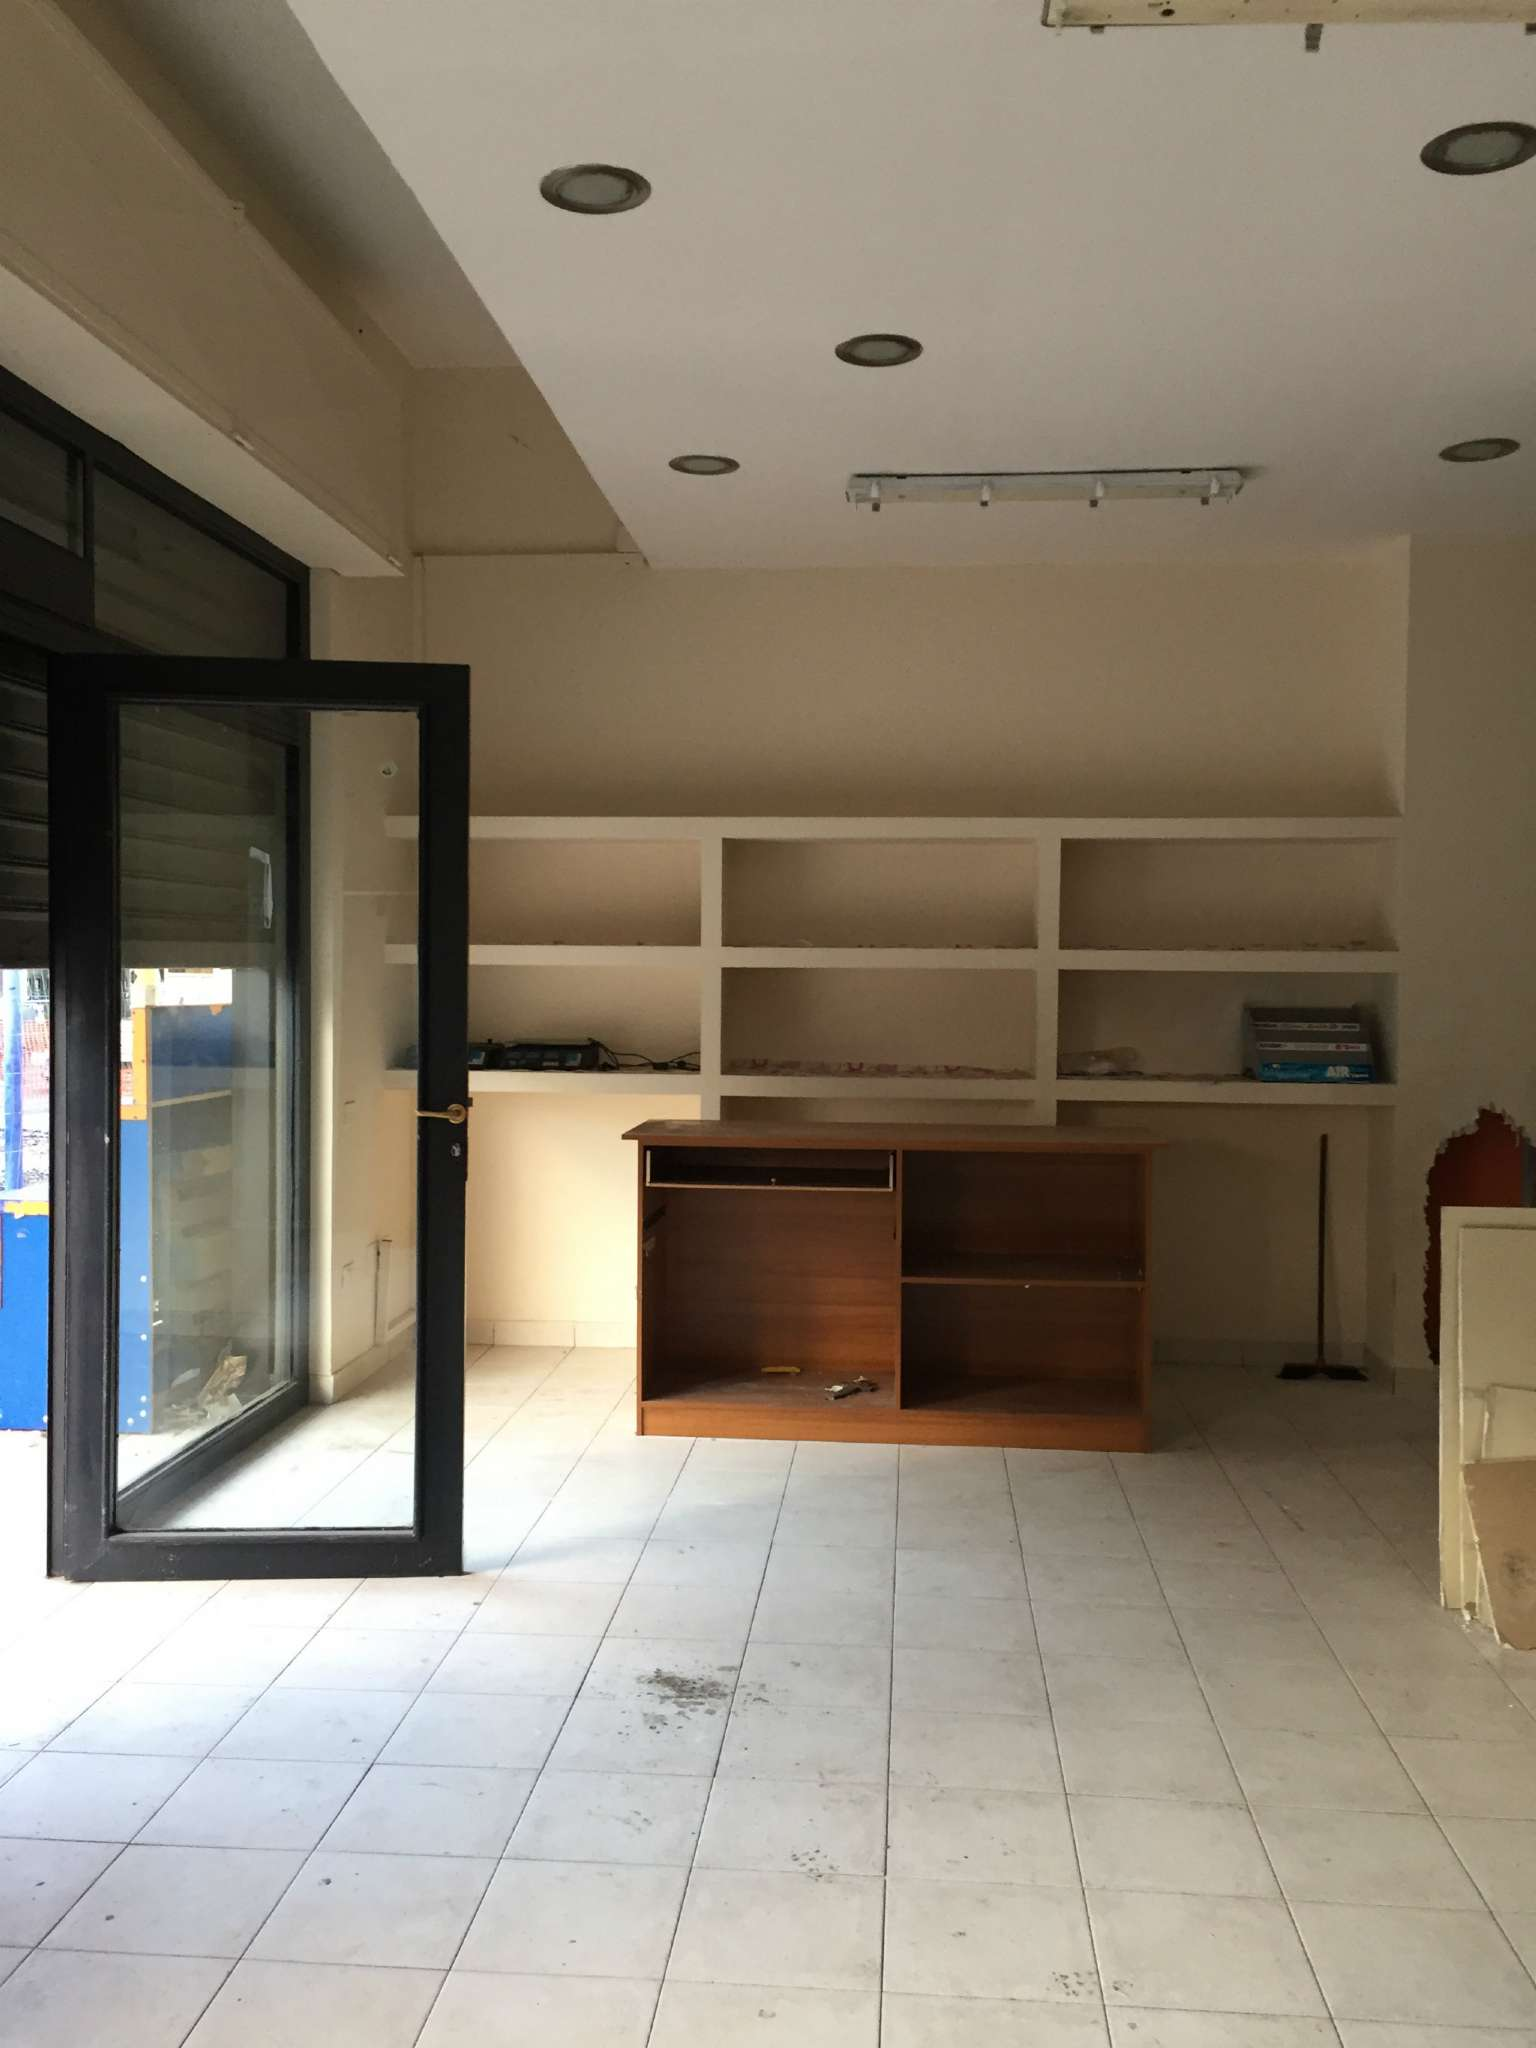 Negozio / Locale in affitto a Giugliano in Campania, 1 locali, prezzo € 900 | CambioCasa.it